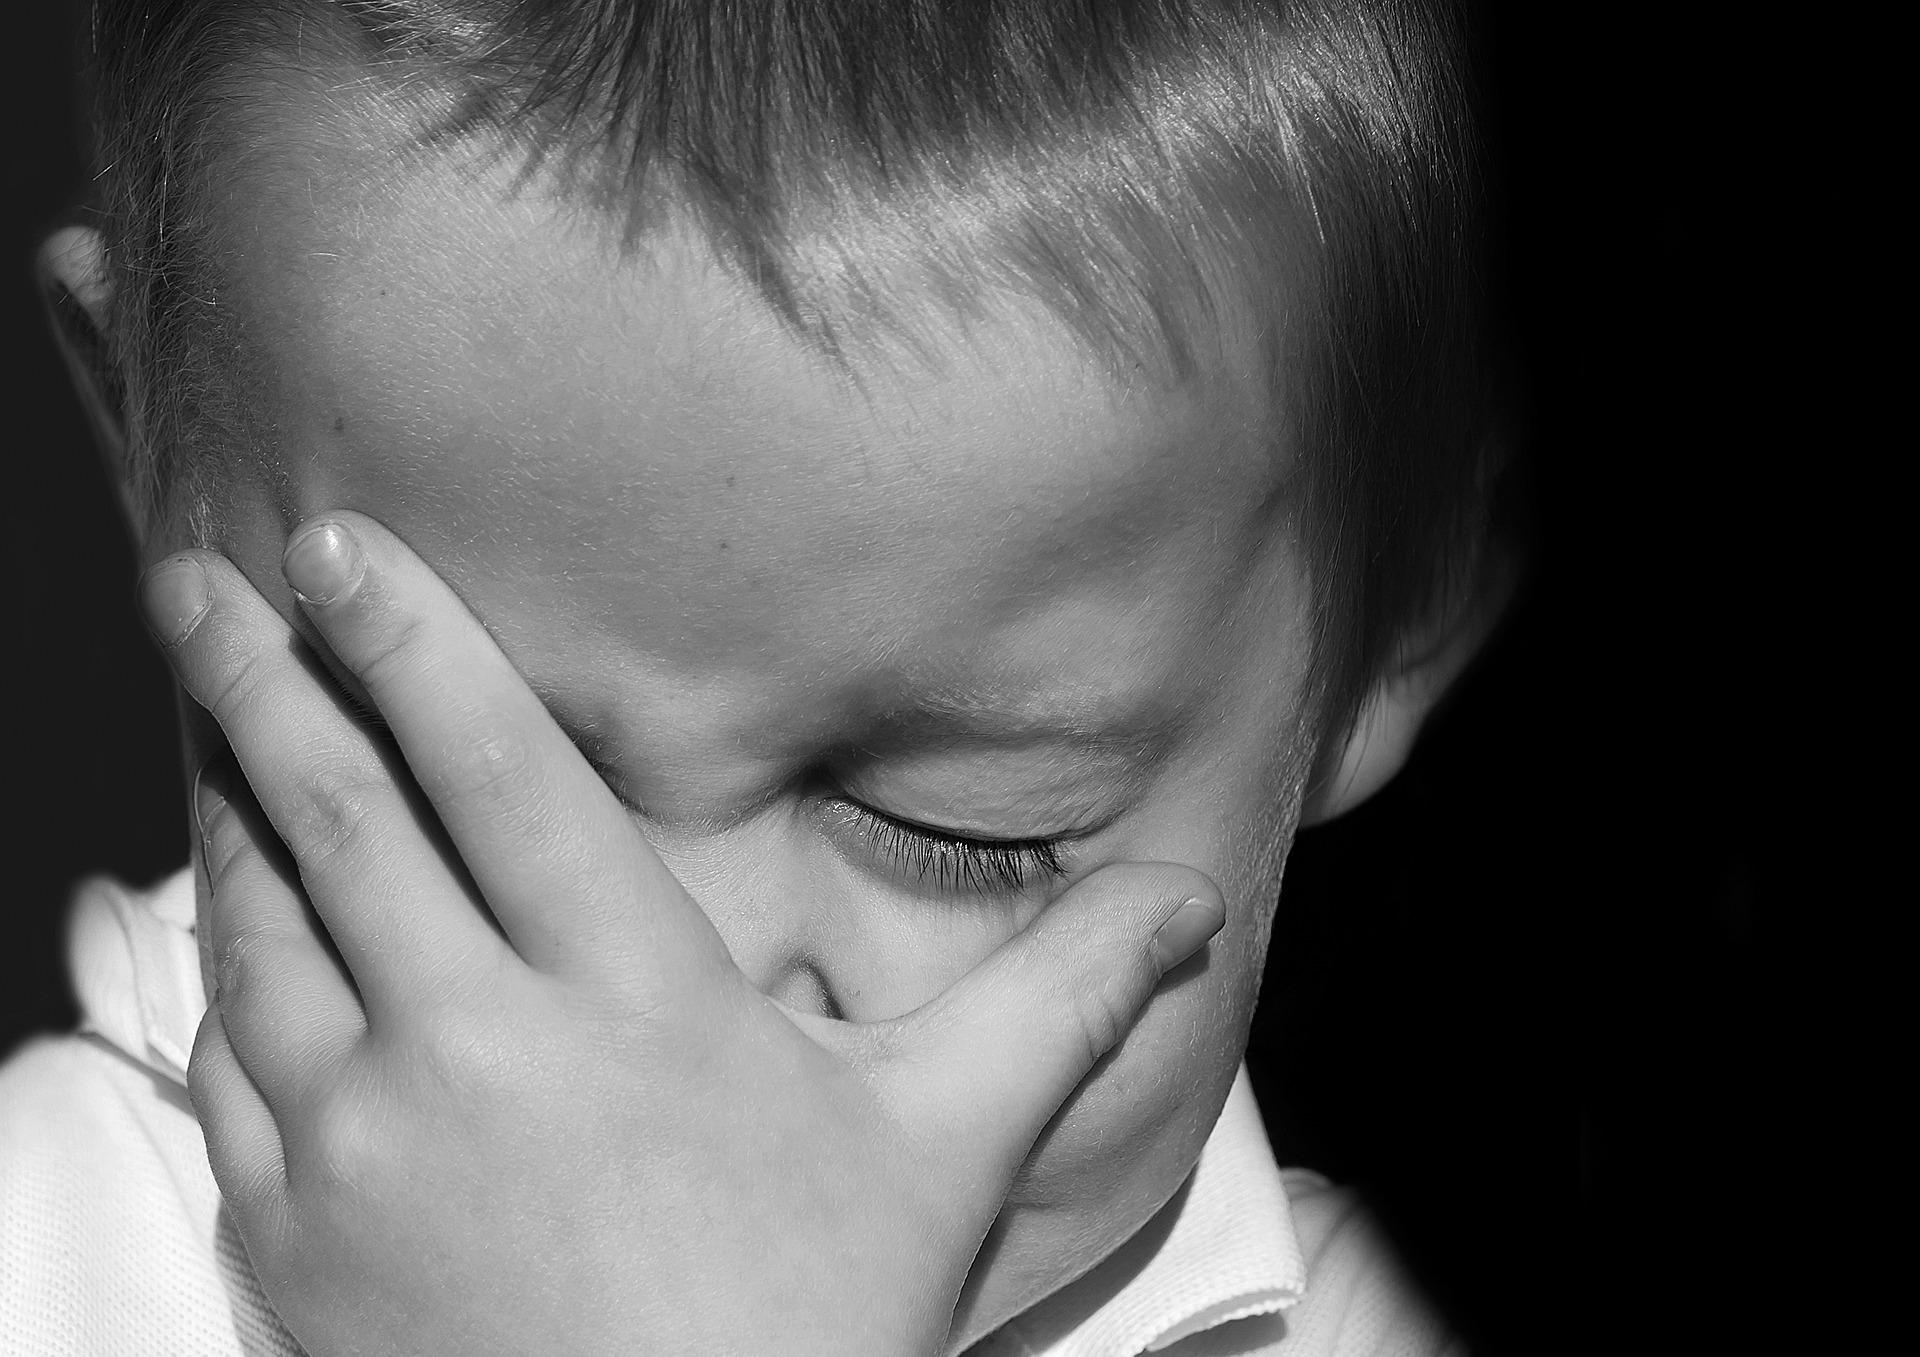 urlare ai bambini è dannoso e diseducativo